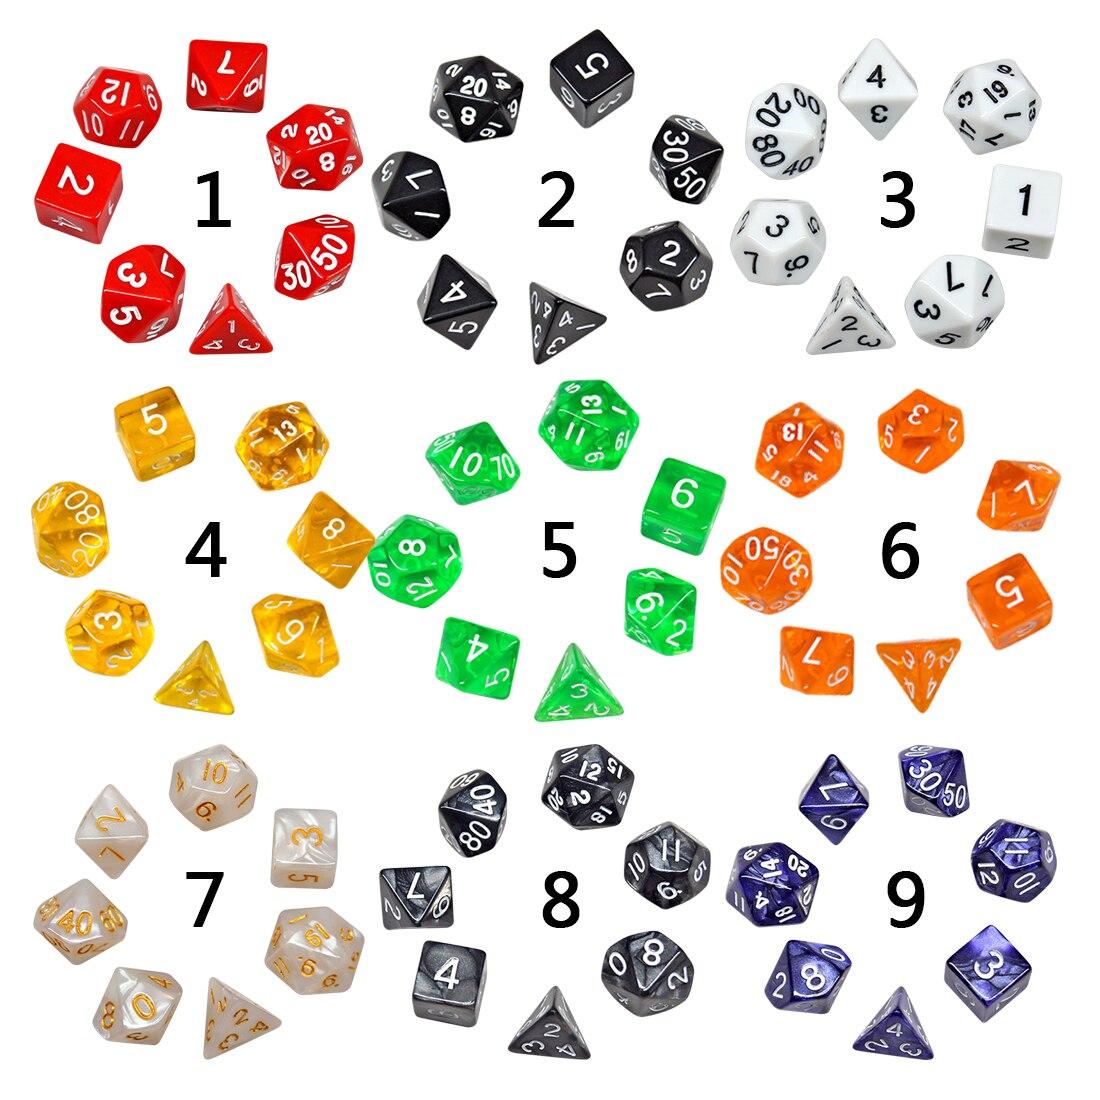 7pcs Dice Set With Nebula Effect Poker D&d D4 D6 D8 D10 D% D12 D20 Polyhedral Game Dice